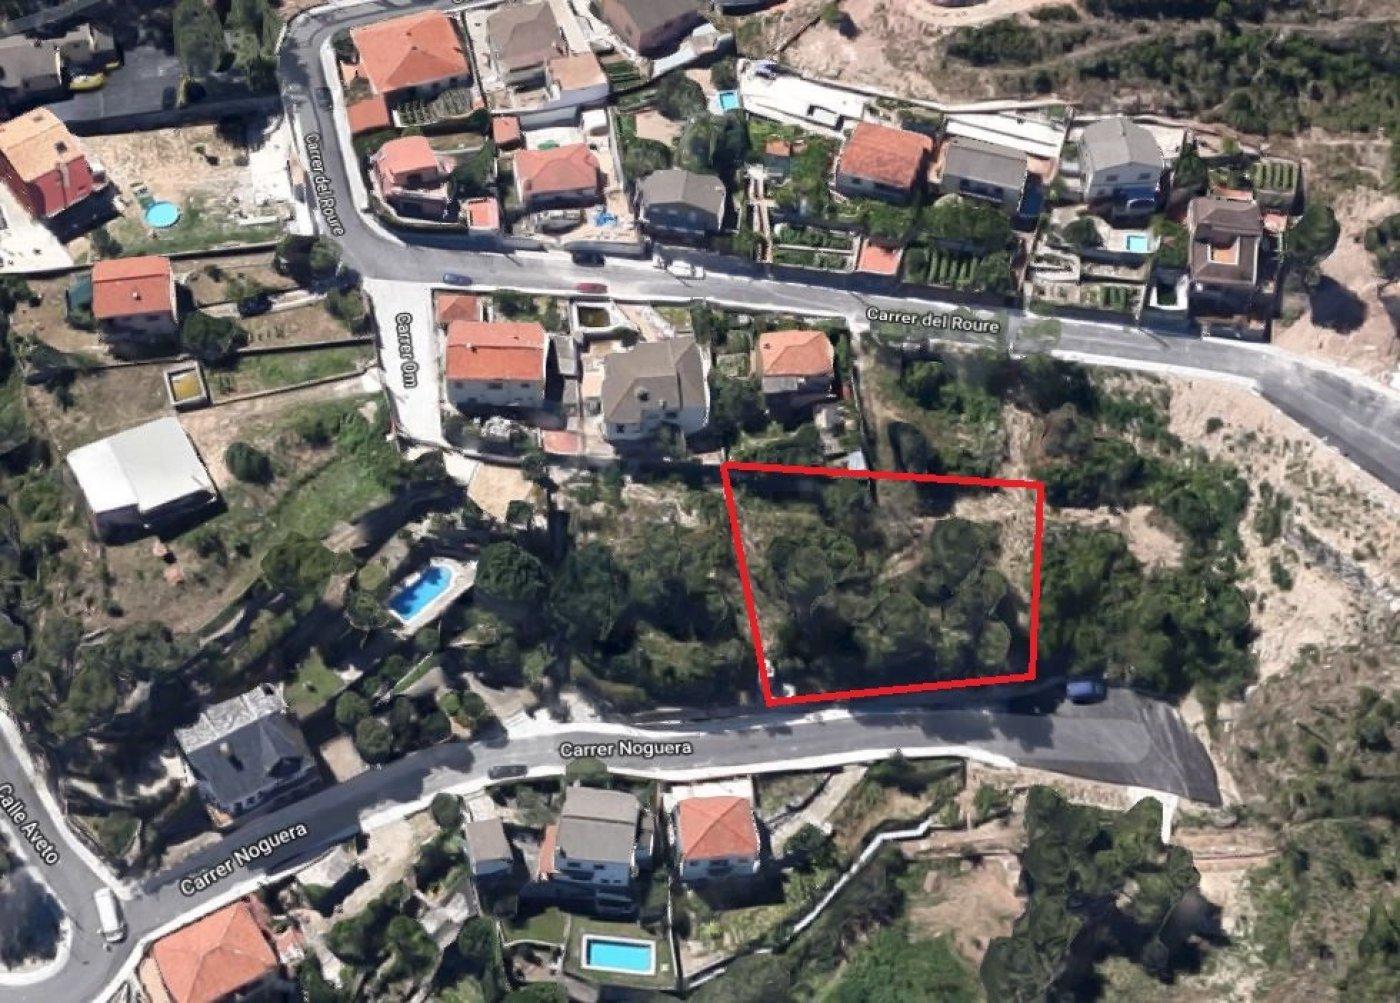 Fantástica parcela de 735 m2 en urb. cap de bou - imagenInmueble3